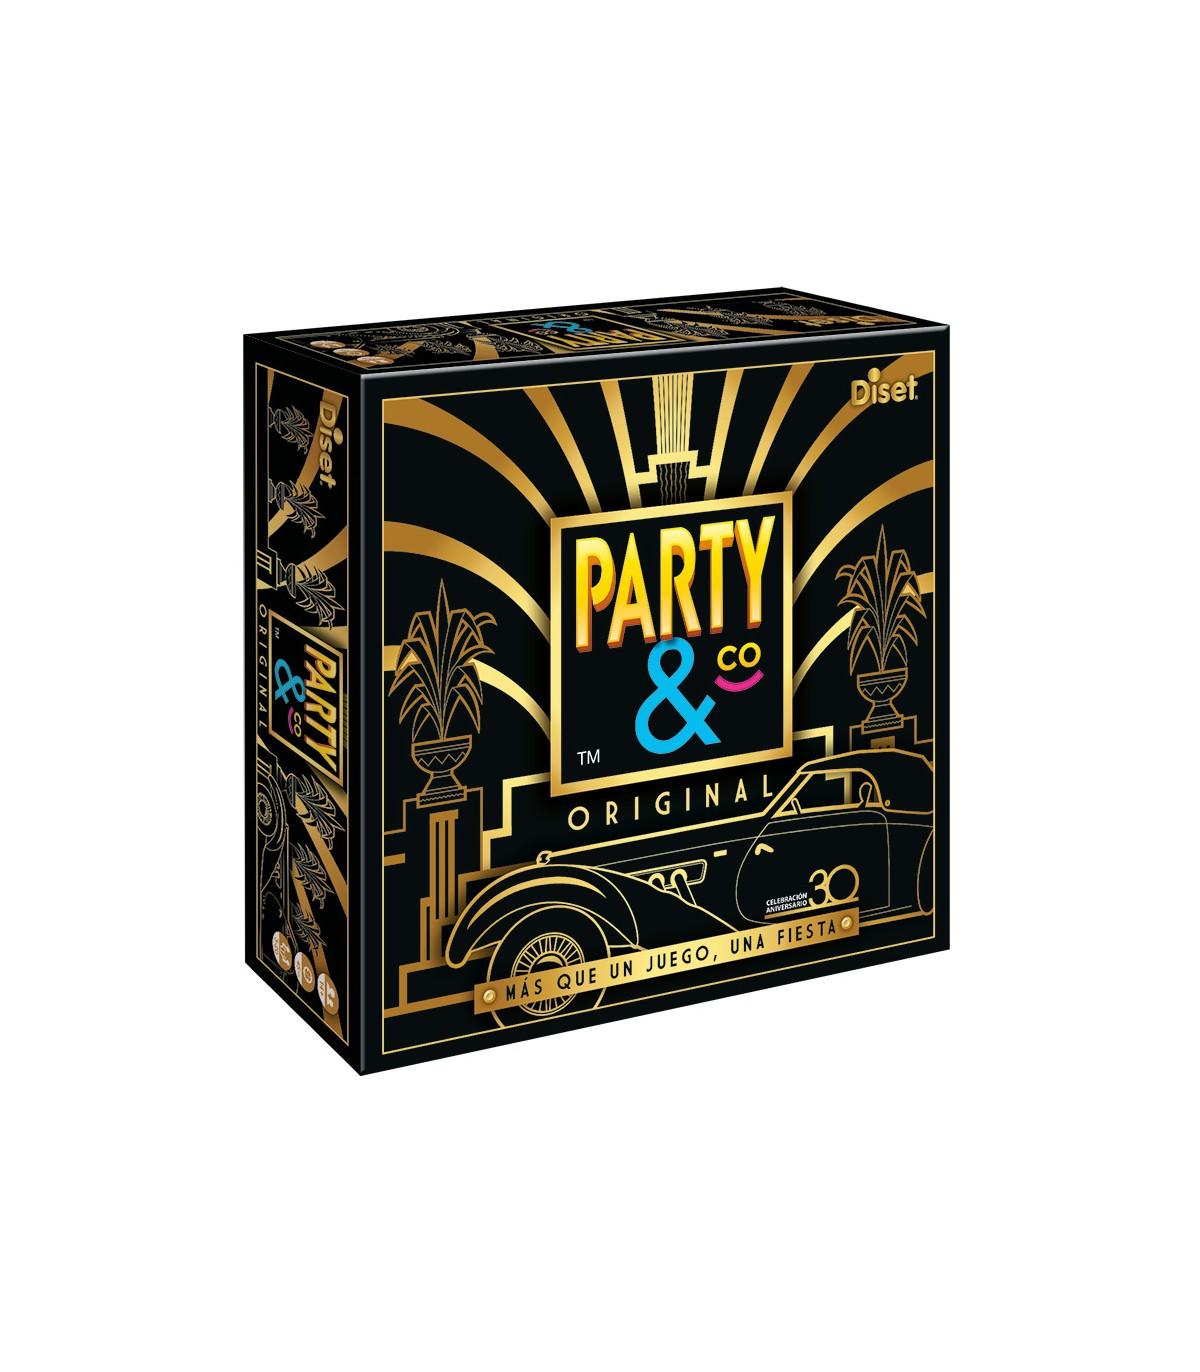 PARTY&CO ORIGINAL 30 ANIVERSARIO 10201